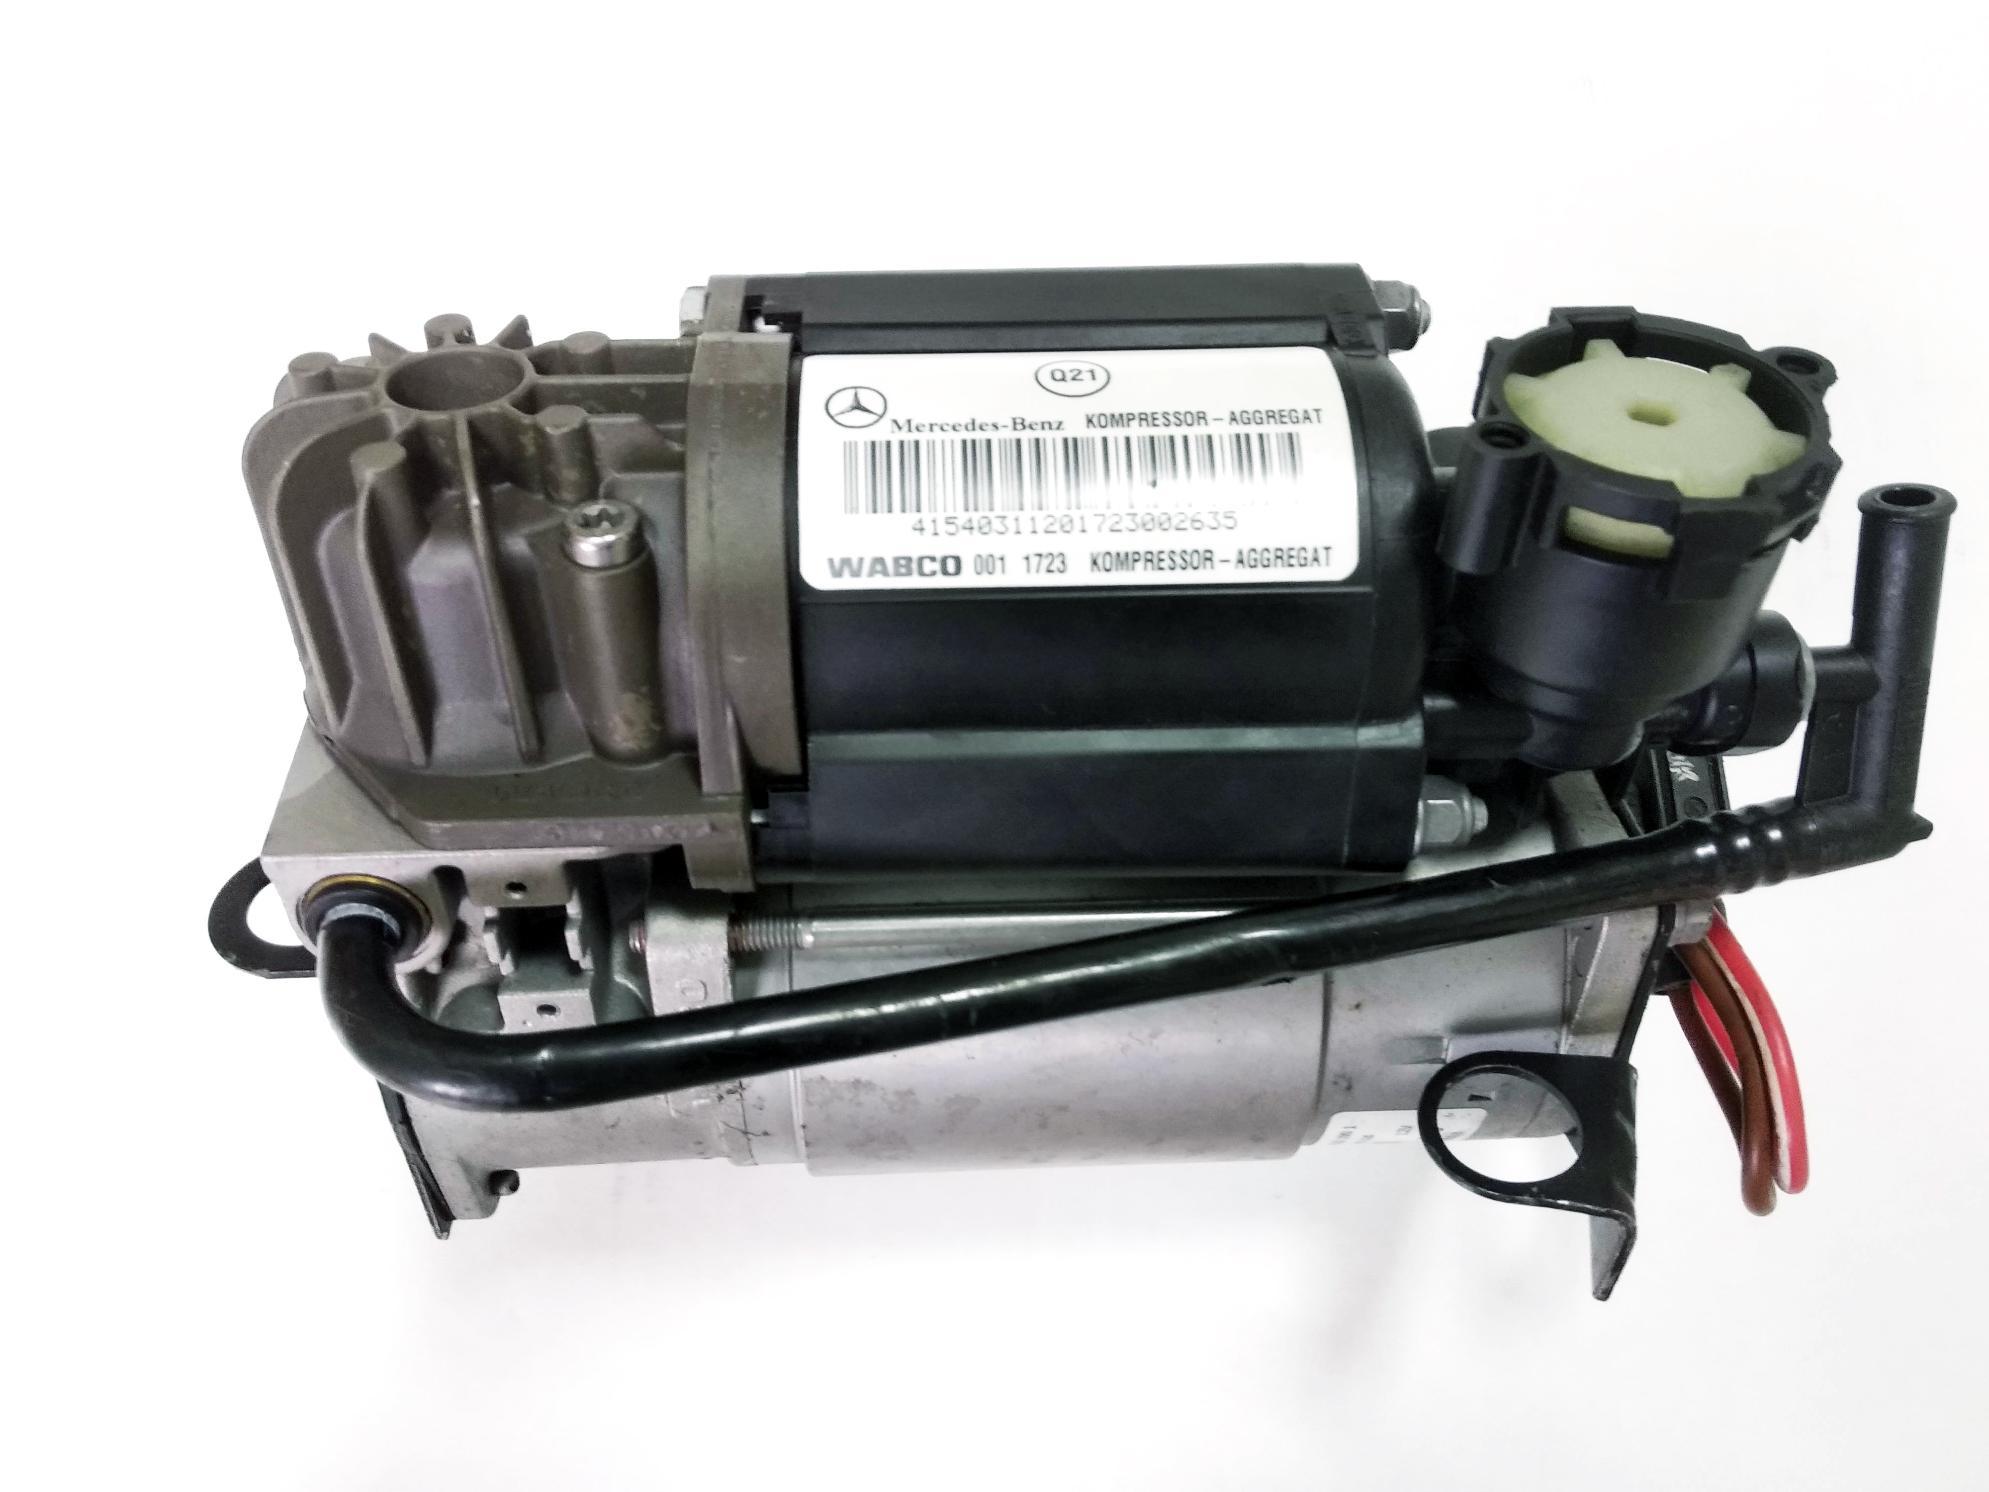 картинка Оригинальный компрессор пневмоподвески Wabco для Mercedes-Benz W211, W219, W220 и Maybach W240 (A2113200304) от магазина пневмоподвески ПневмоМаркет